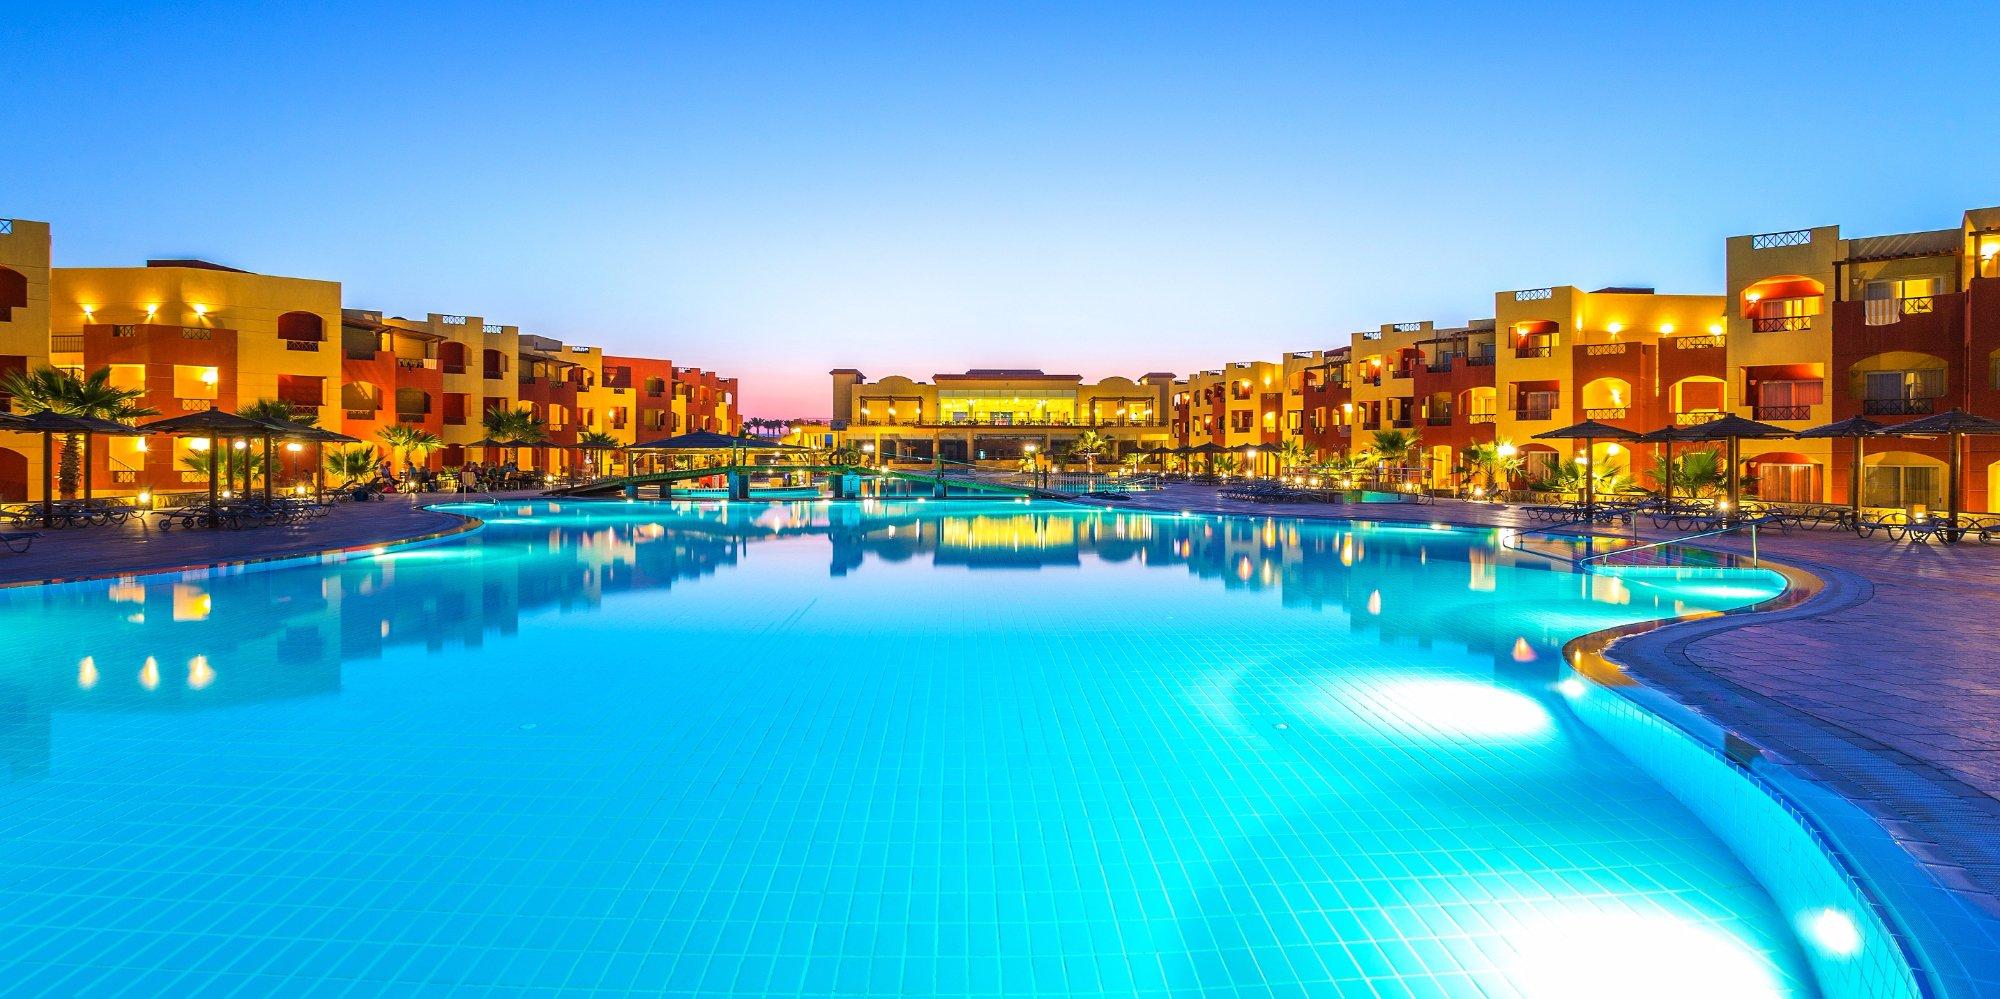 casino royal online anschauen ra ägypten